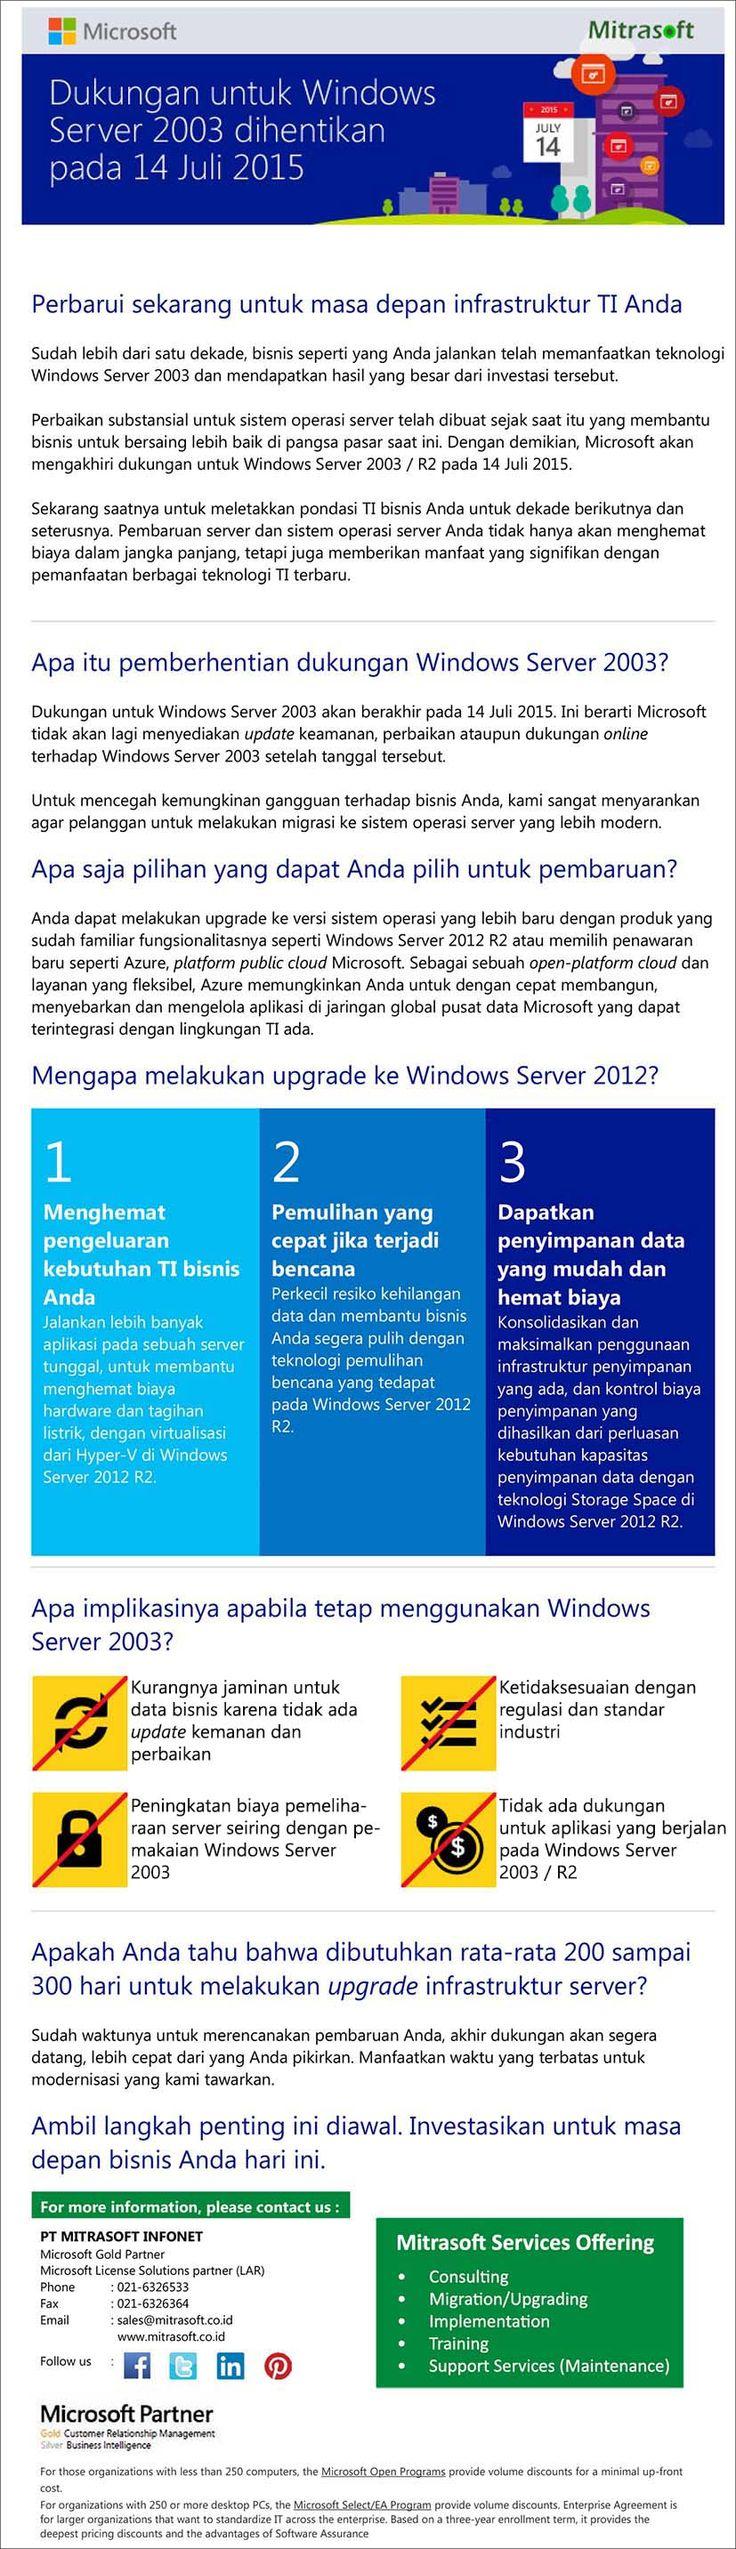 #Mitrasoft Dukungan terhadap #Microsoft #WindowsServer2003 akan berakhir (14 July 2015) #MitrasoftSolution Pelajari lebih lanjut tentang teknologi terbaru dan proses migrasi: http://www.microsoft.com/id-id/business/windows-server-2003-end-of-support/ Like us: https://www.facebook.com/pt.mitrasoft.infonet Follow us: https://twitter.com/Mitrasoft_PT https://www.linkedin.com/company/mitrasoft-infonet